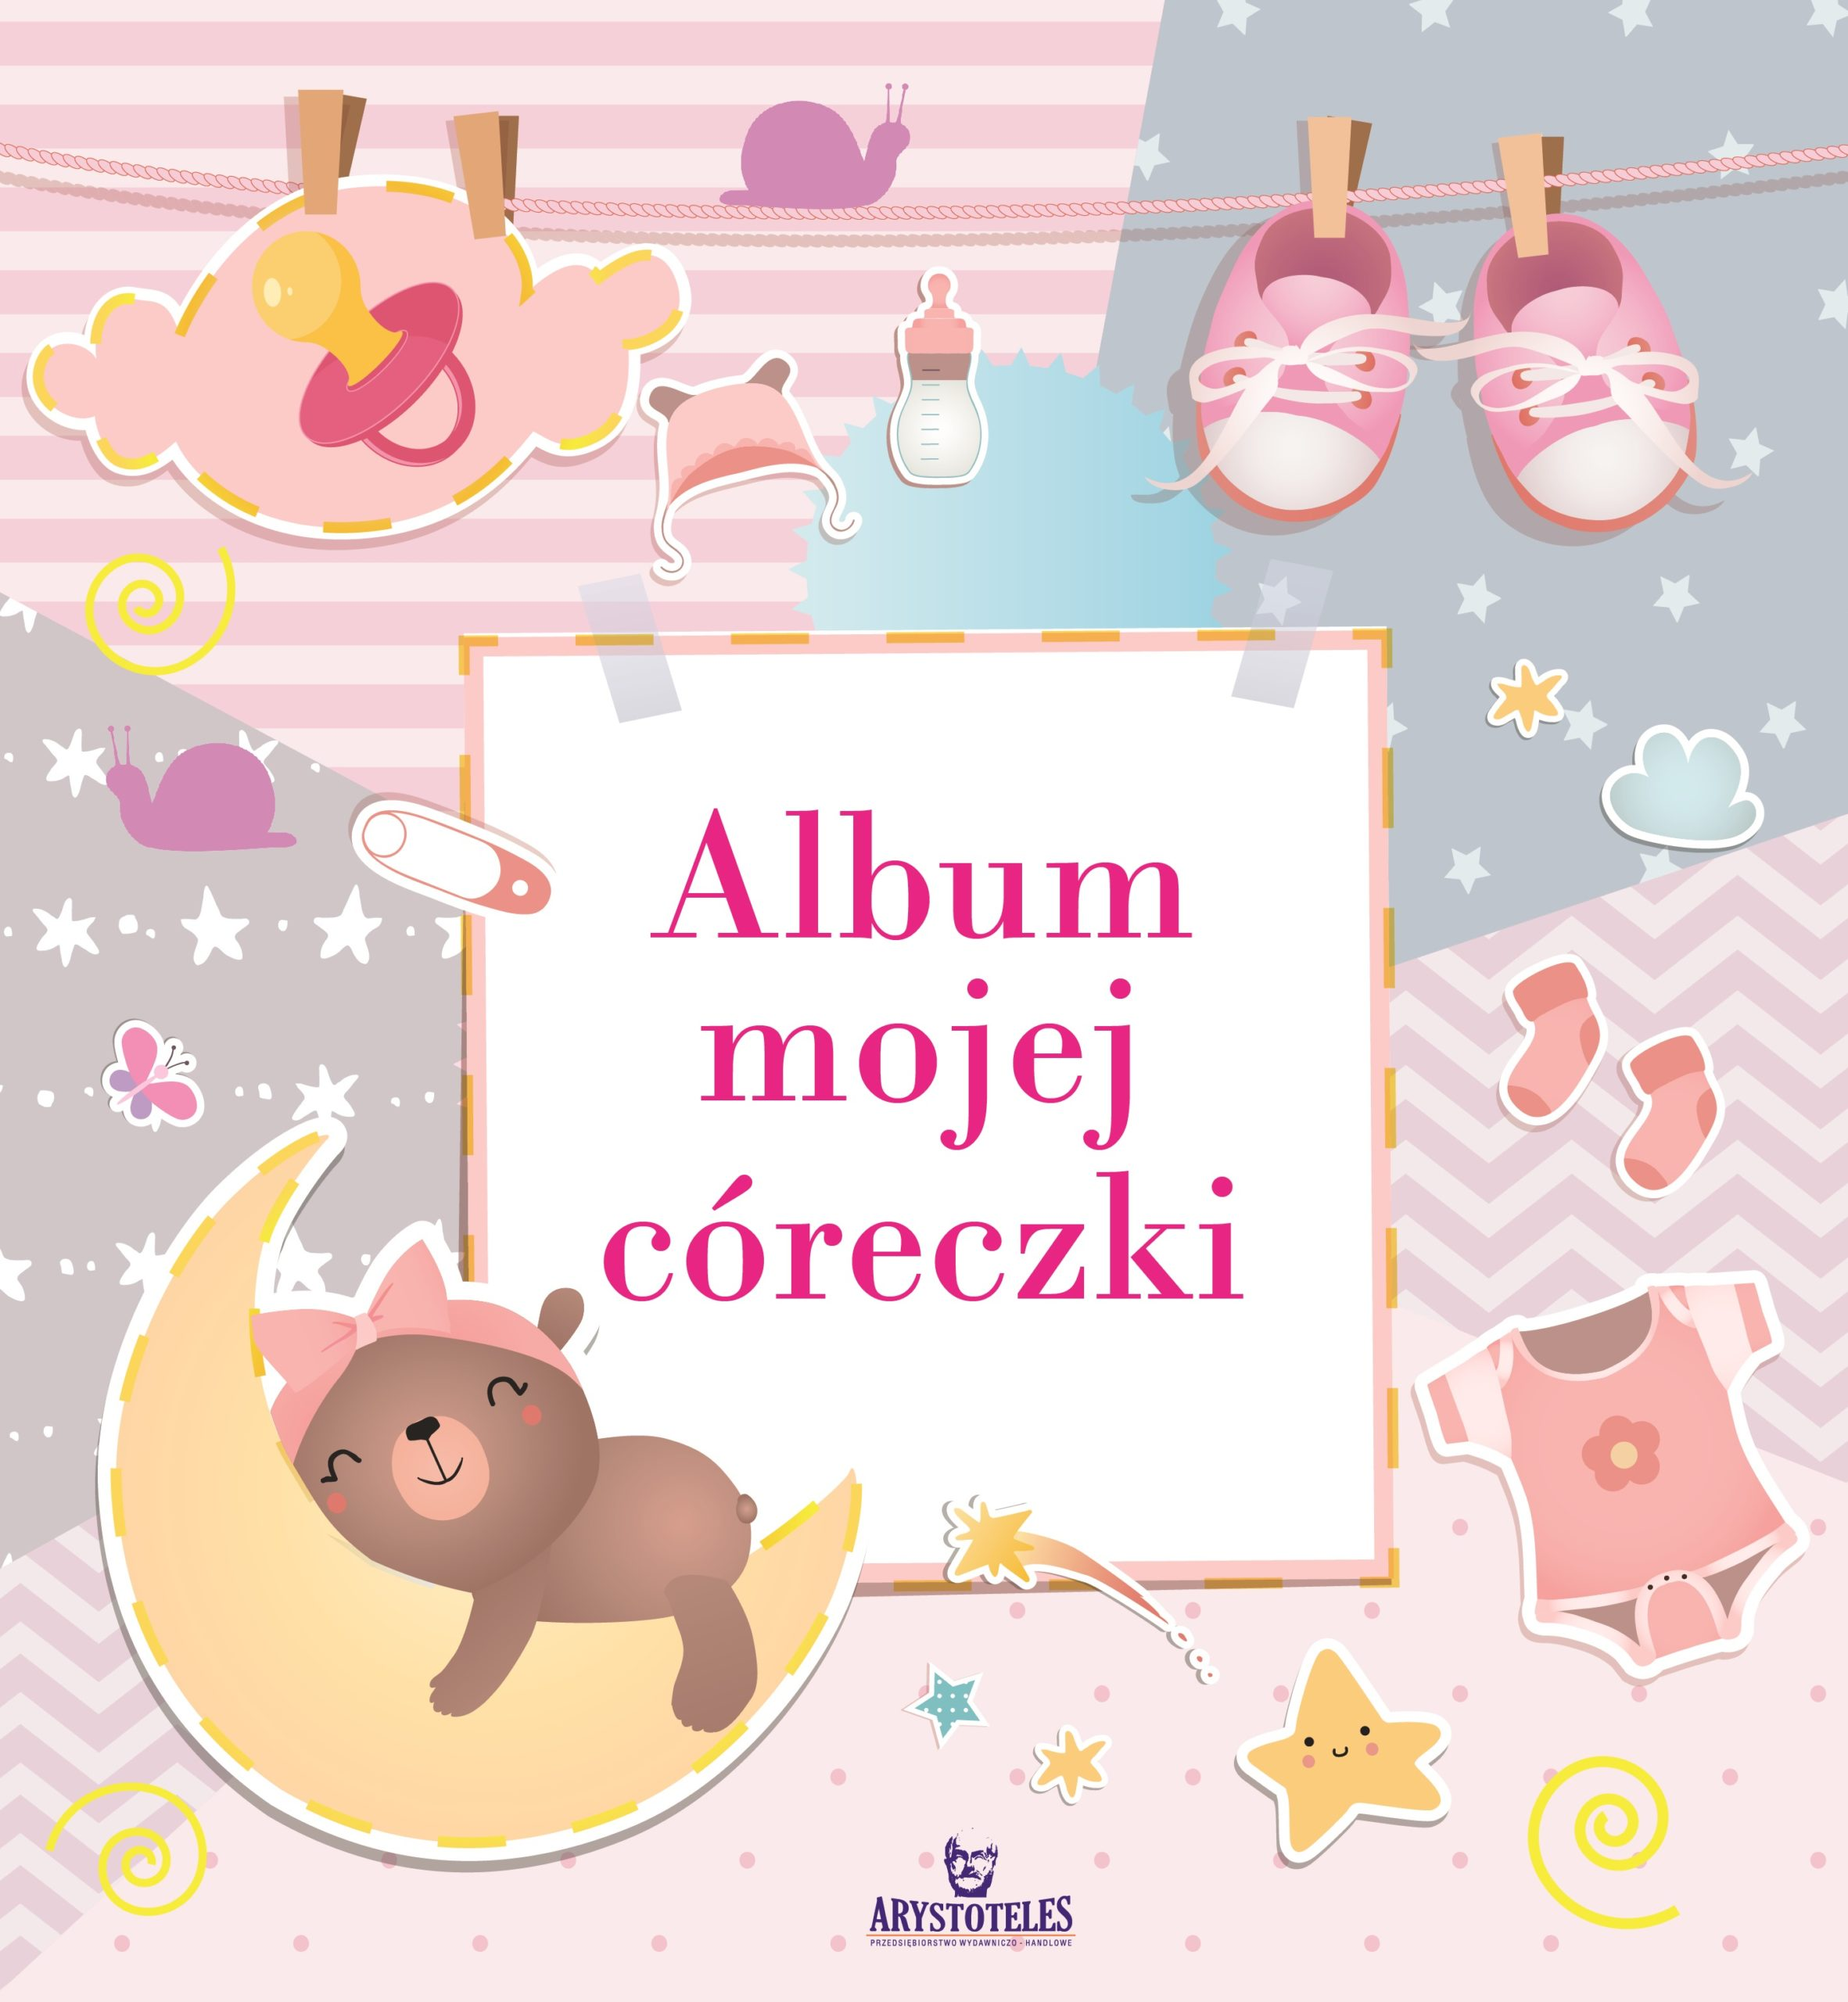 Album mojej córeczki